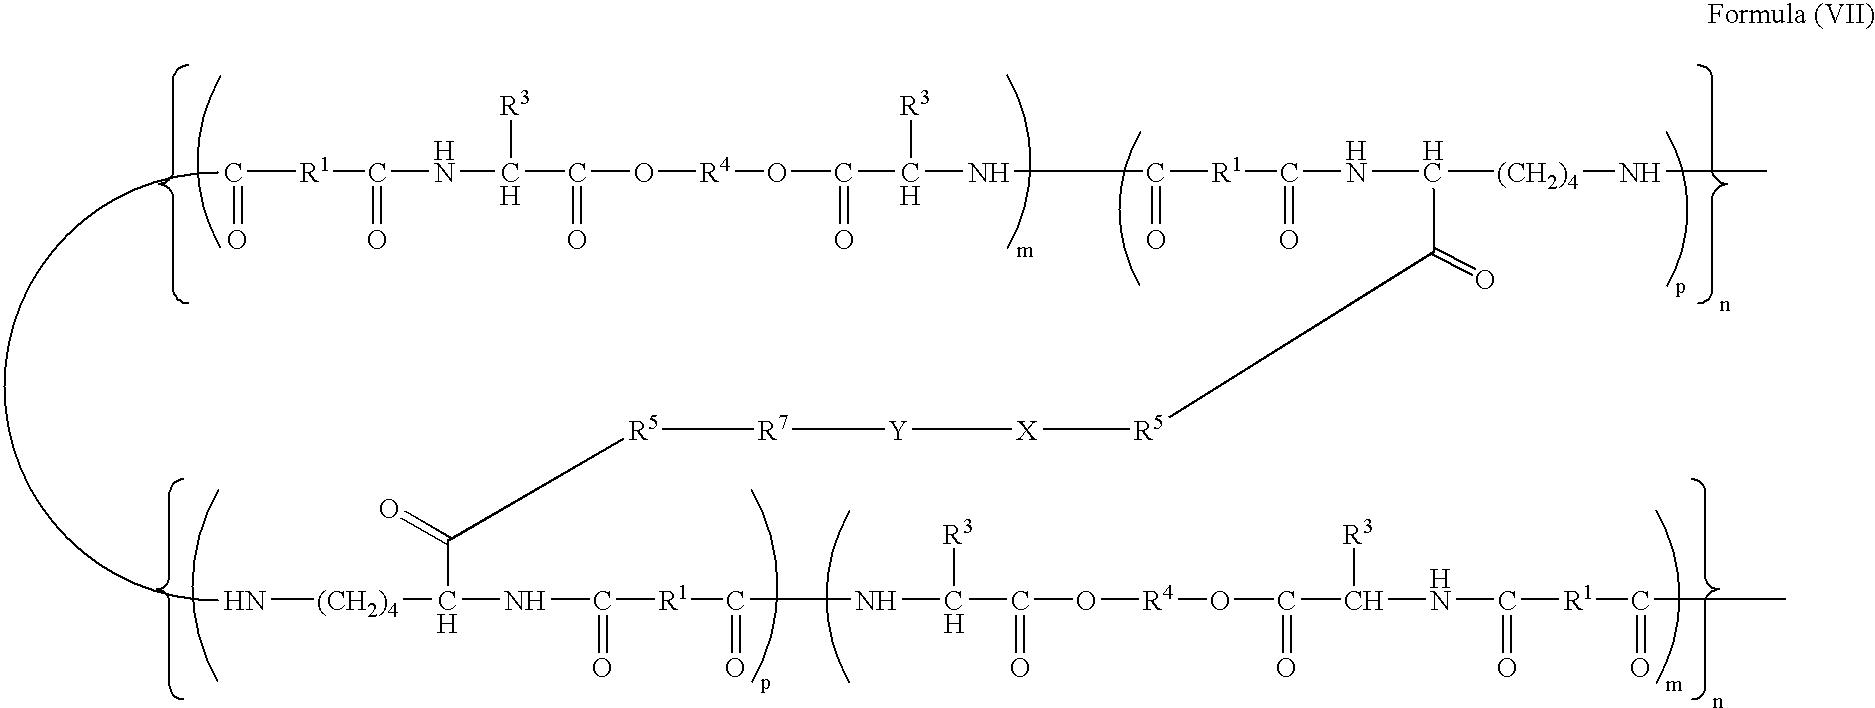 Figure US20060013855A1-20060119-C00013